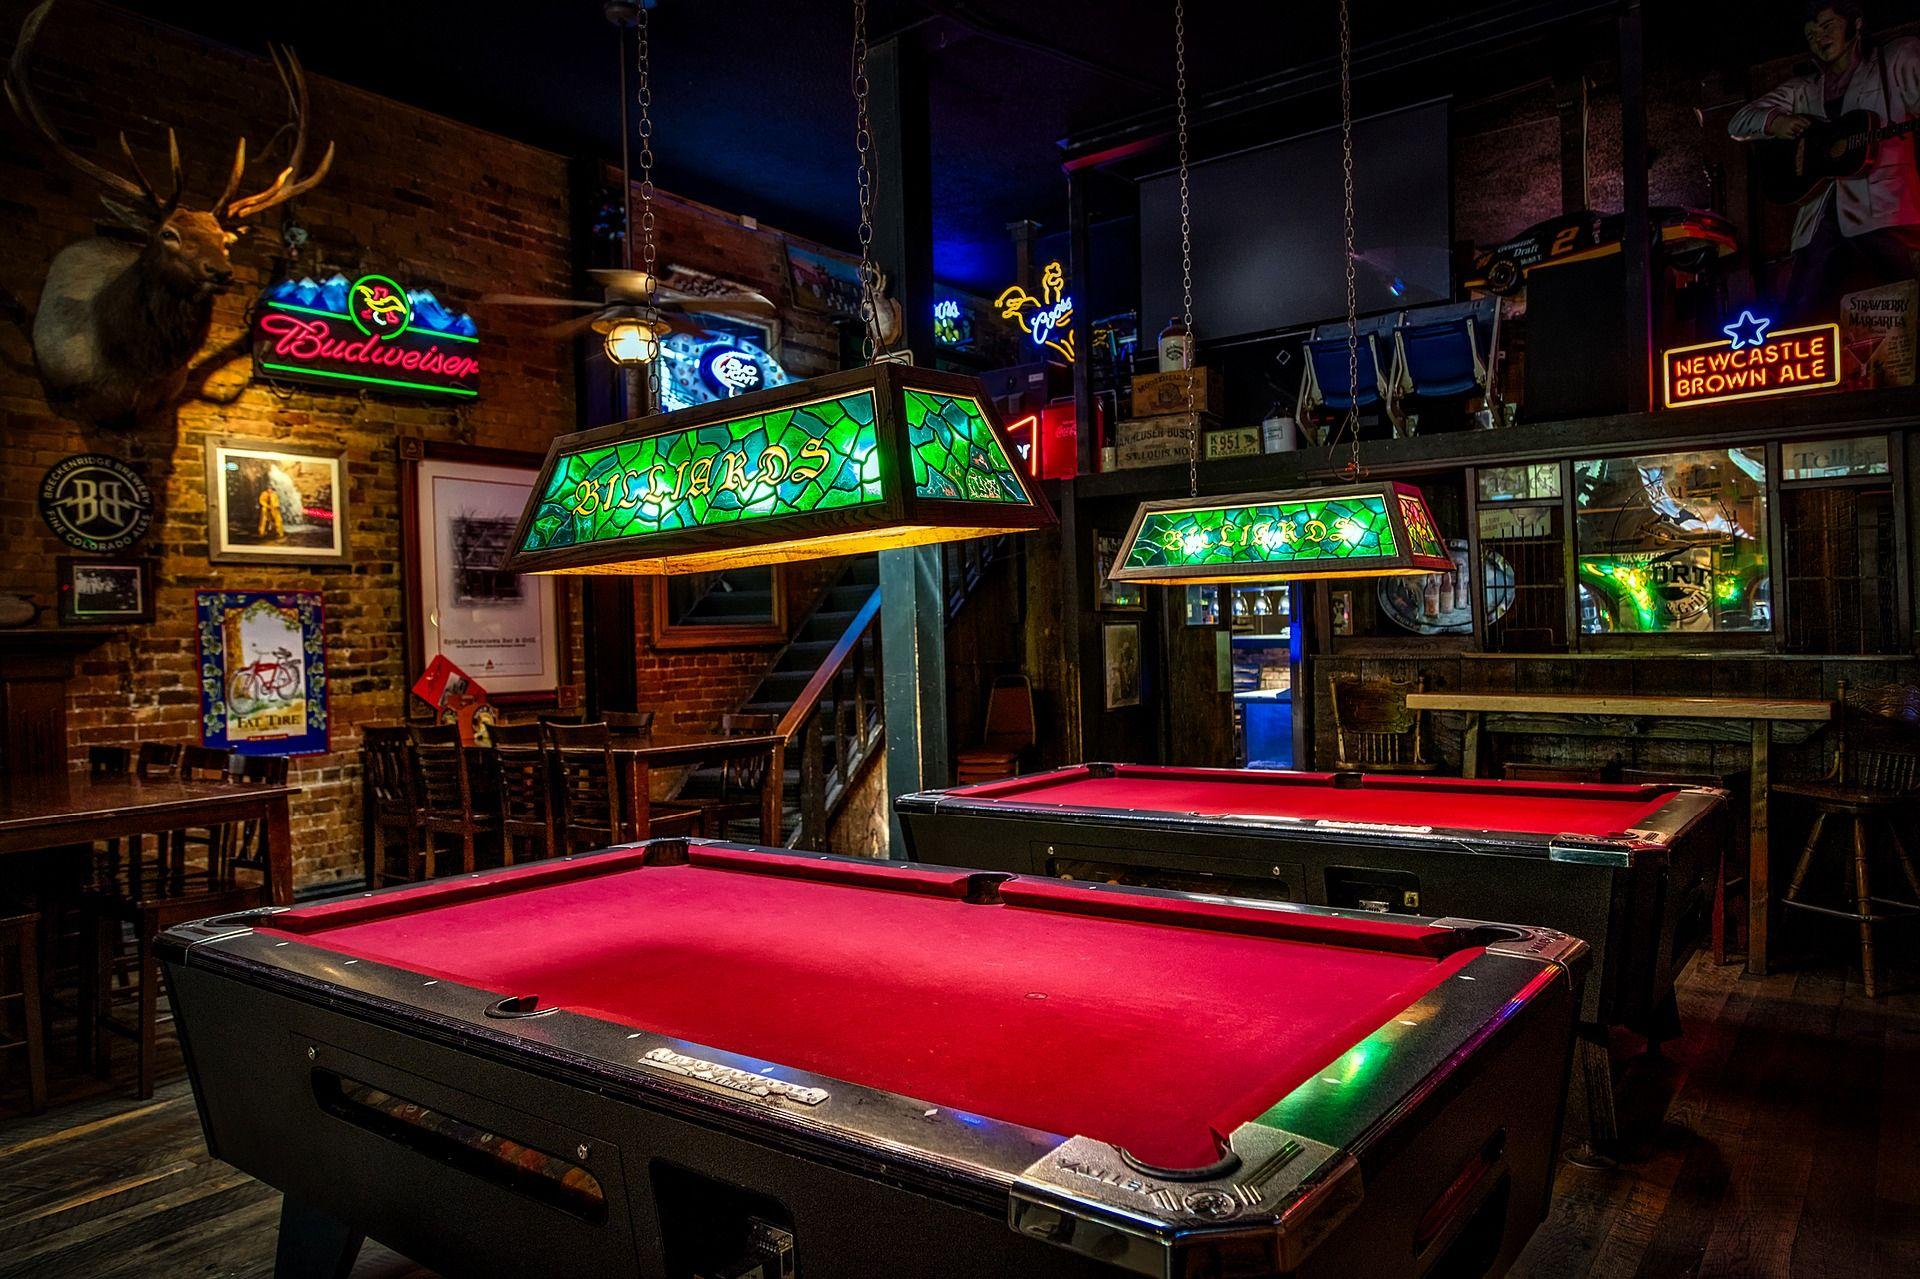 Billiardtische in einem Lokal